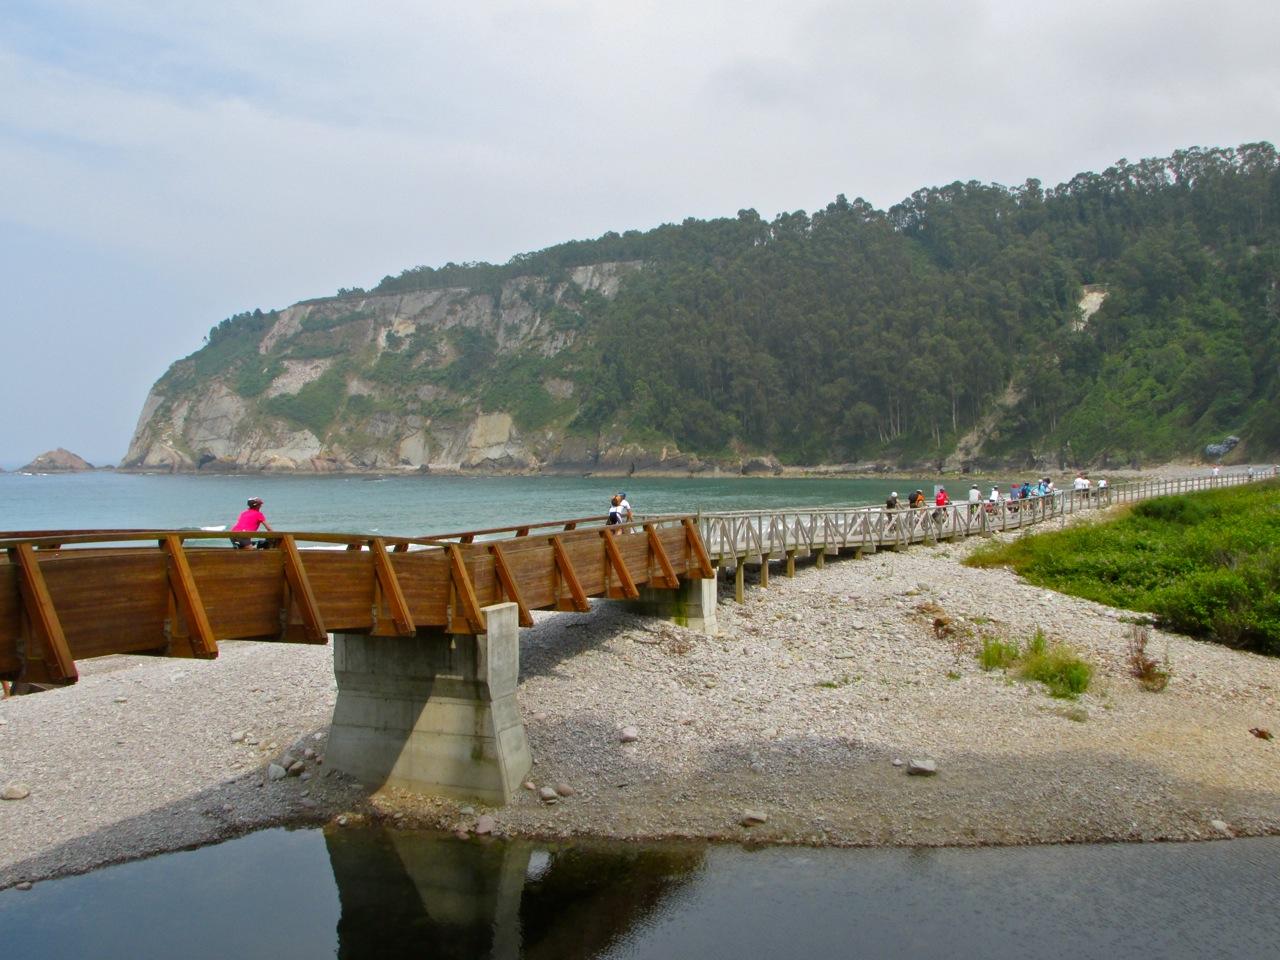 Playa-de-la-Concha-de-Artedo-Carlos-Alonso.jpg